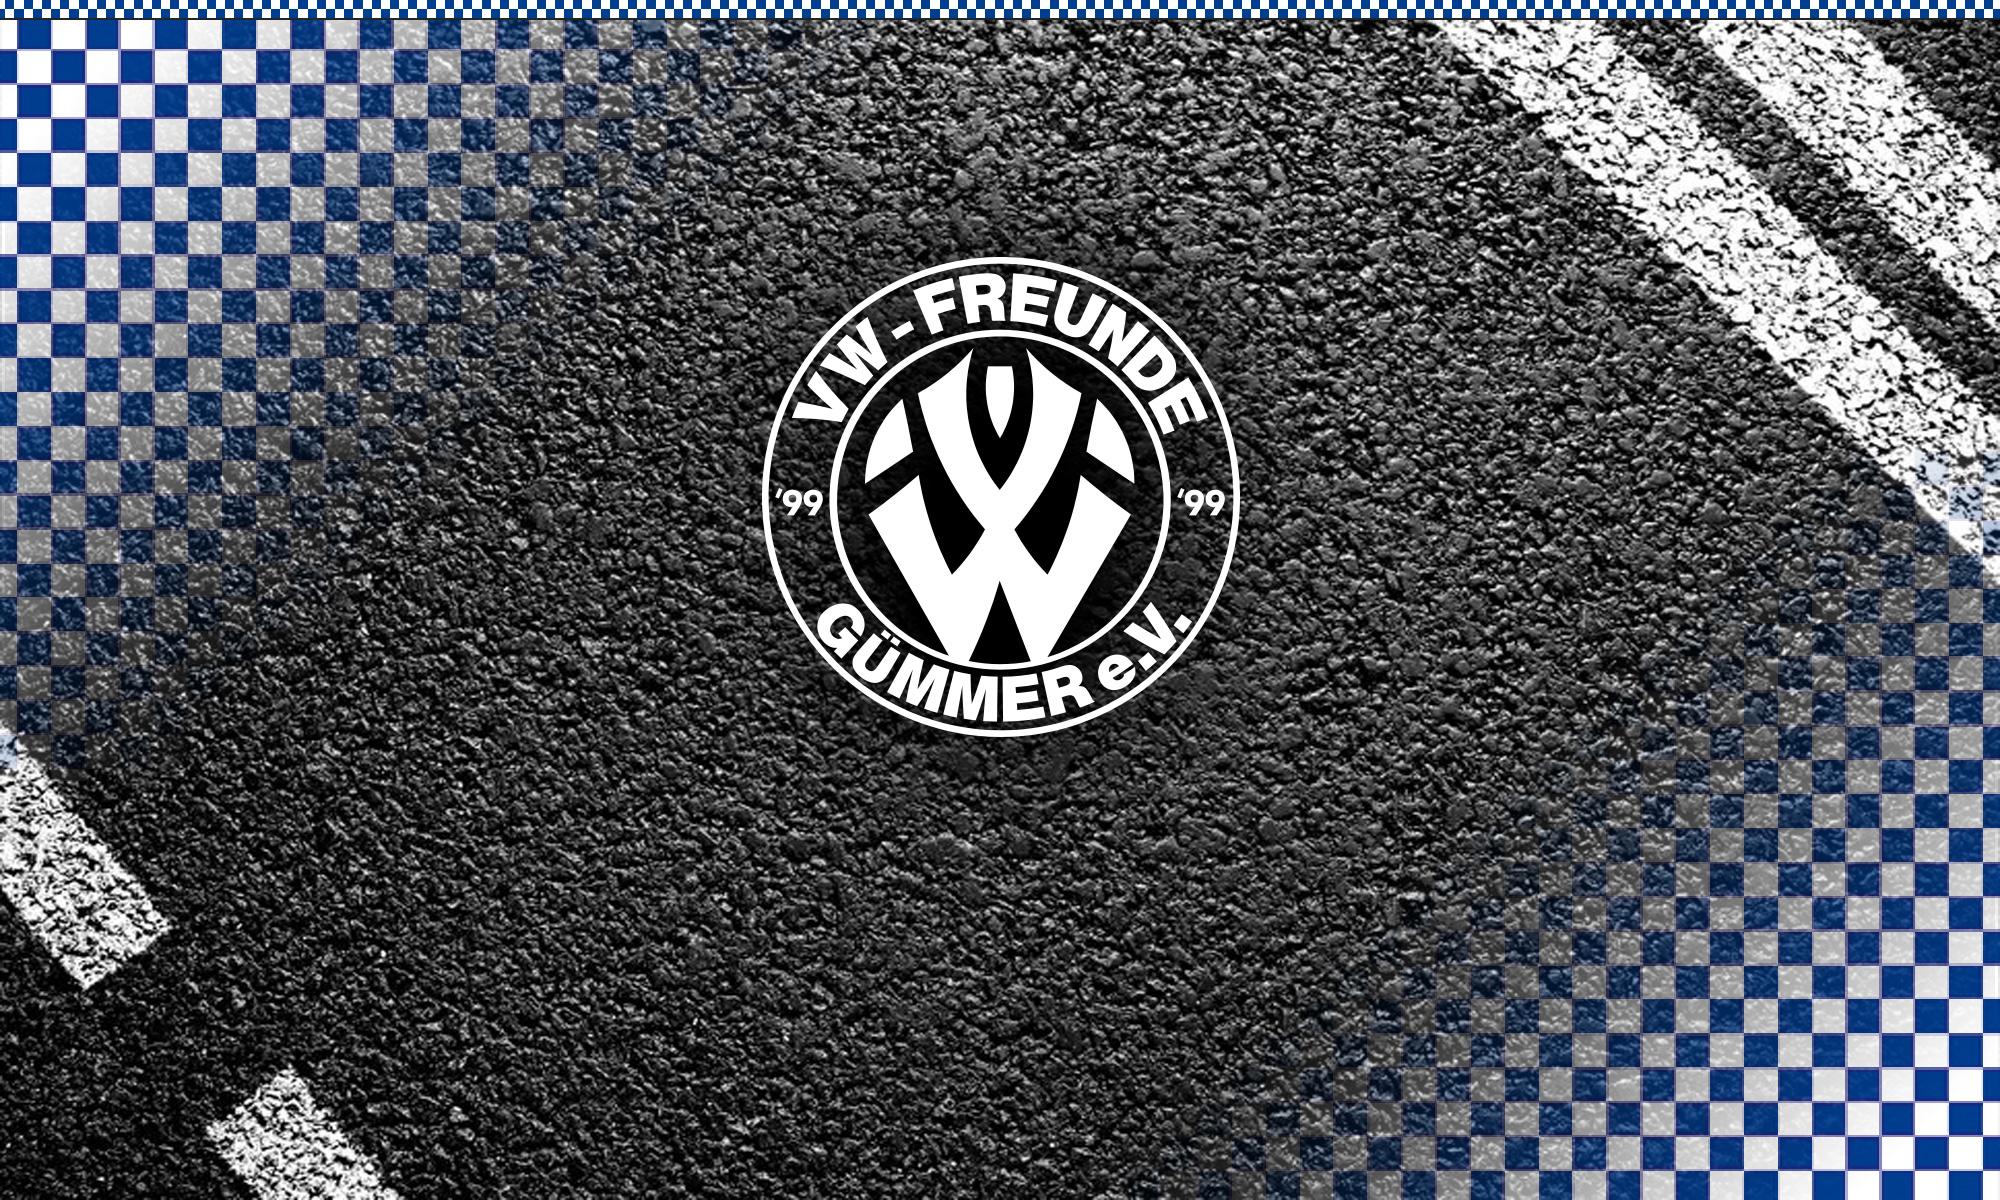 VW-Freunde-Gümmer